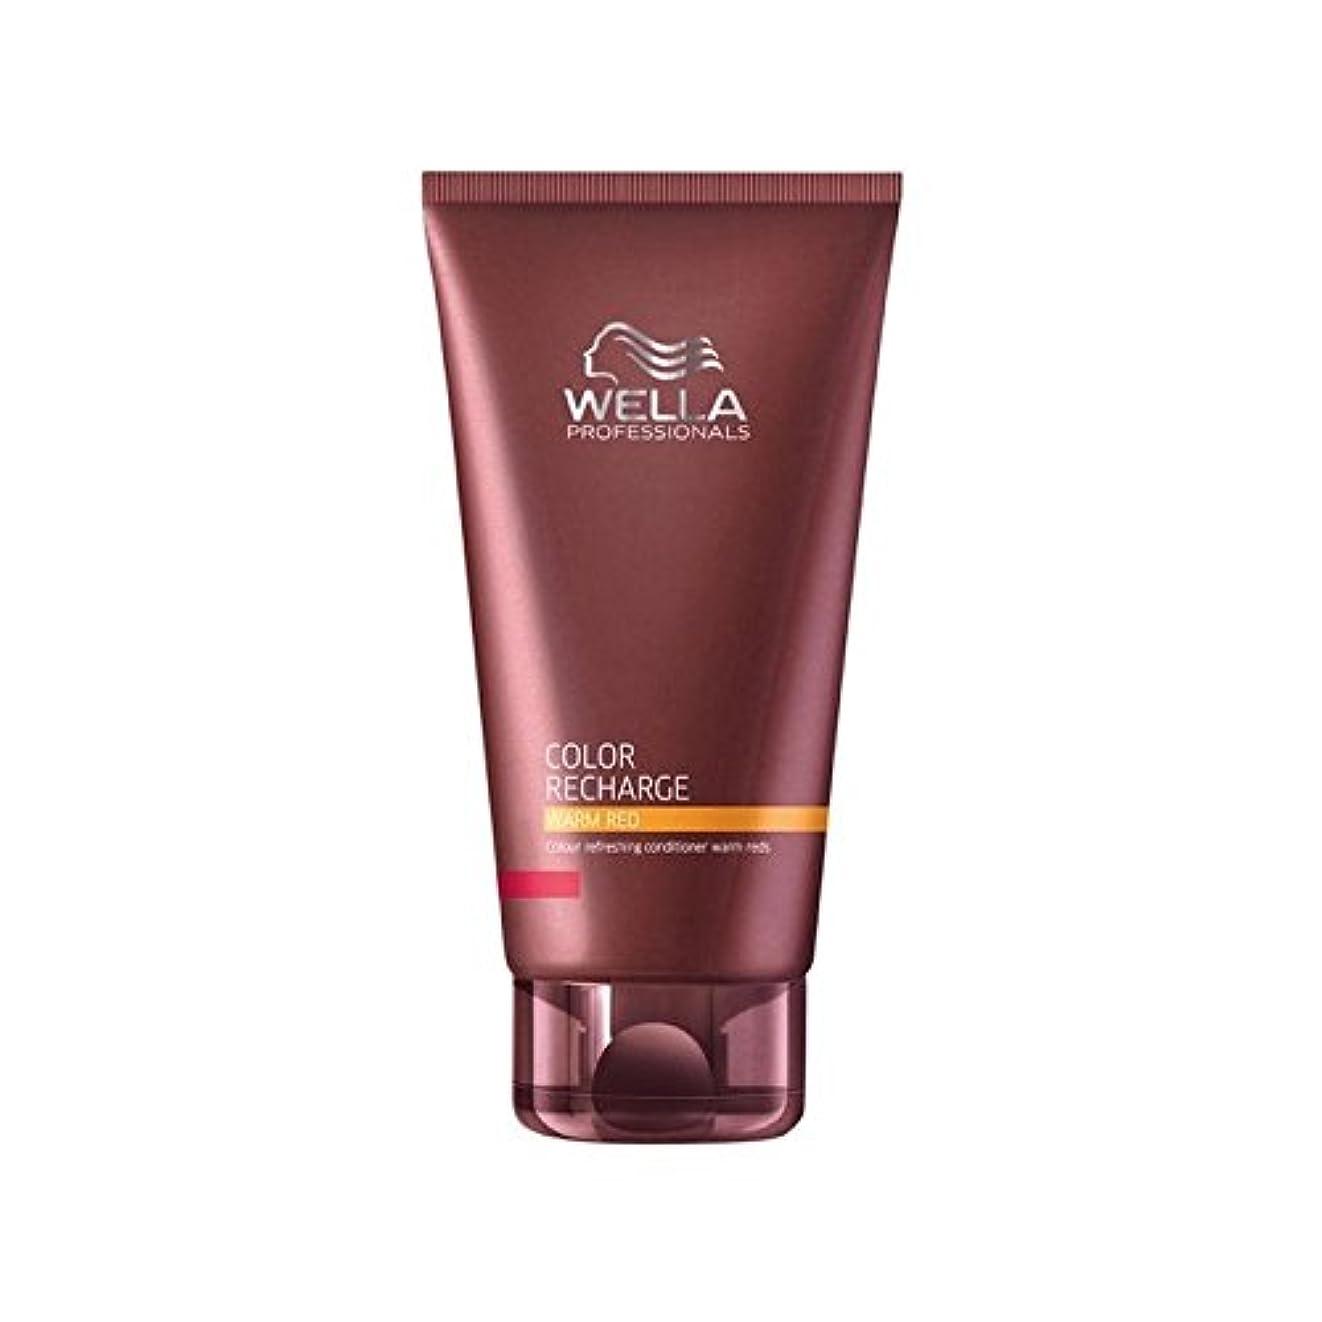 エンドテーブルキャンパス簡単にウエラ専門家のカラー再充電コンディショナー暖かい赤(200ミリリットル) x2 - Wella Professionals Color Recharge Conditioner Warm Red (200ml) (Pack...